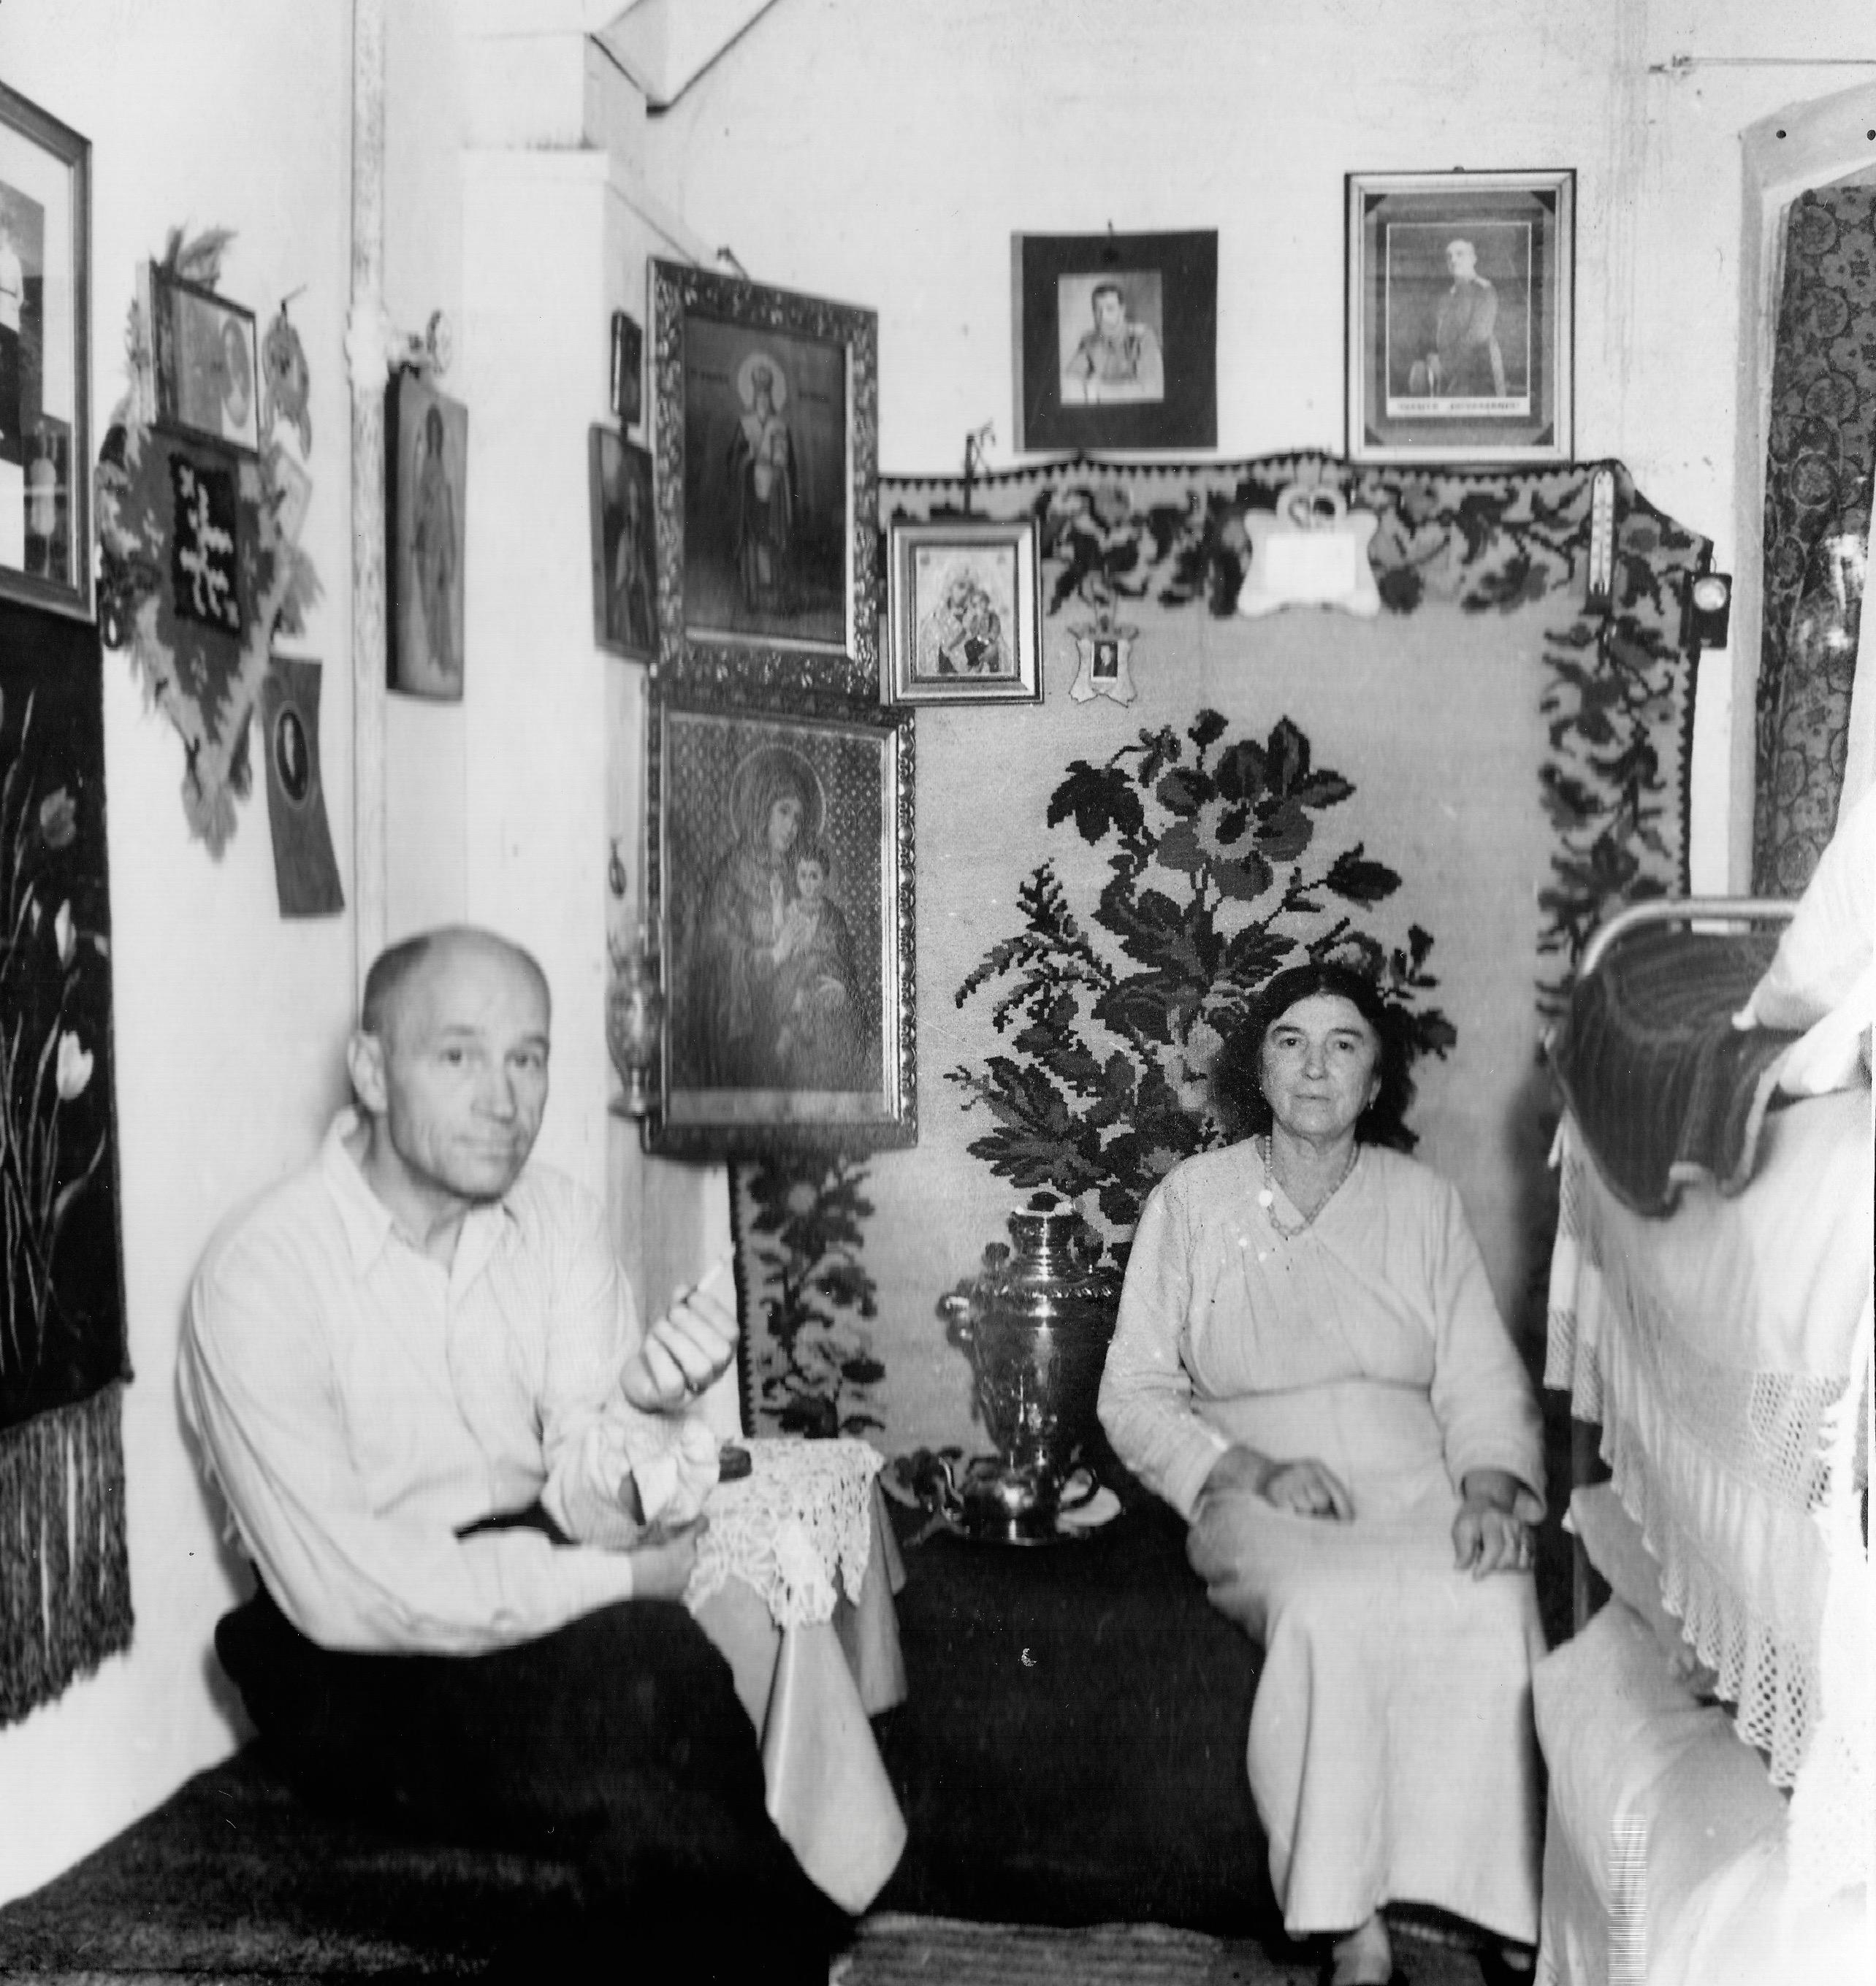 San Sabba, Sacha & Ikons, a Russian cubicle 1950-51